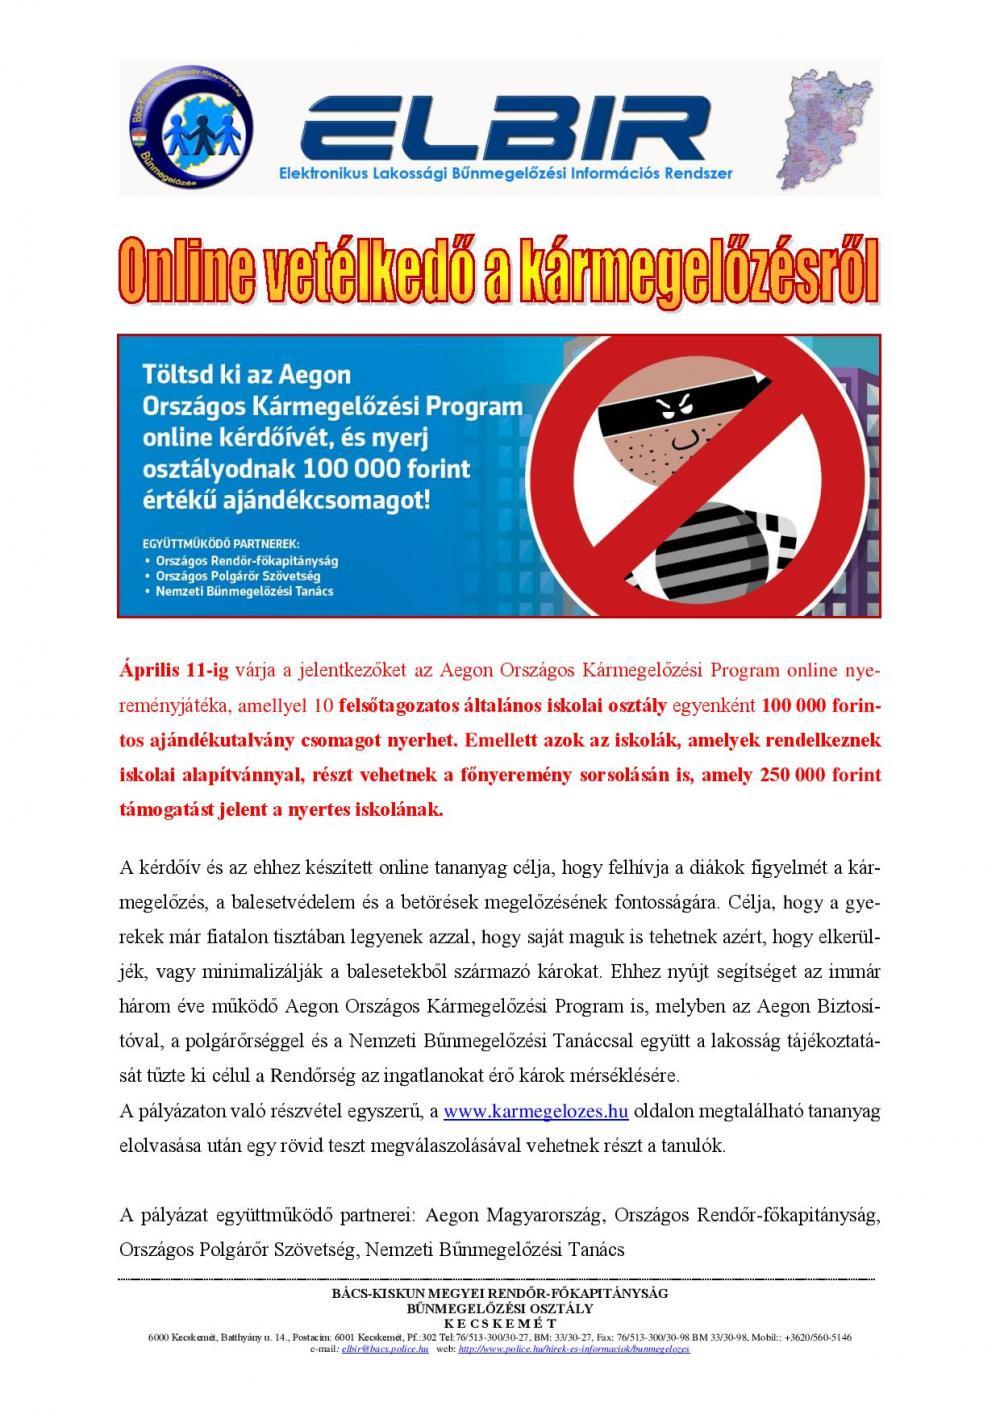 Online vetélkedő a kármegelőzésről